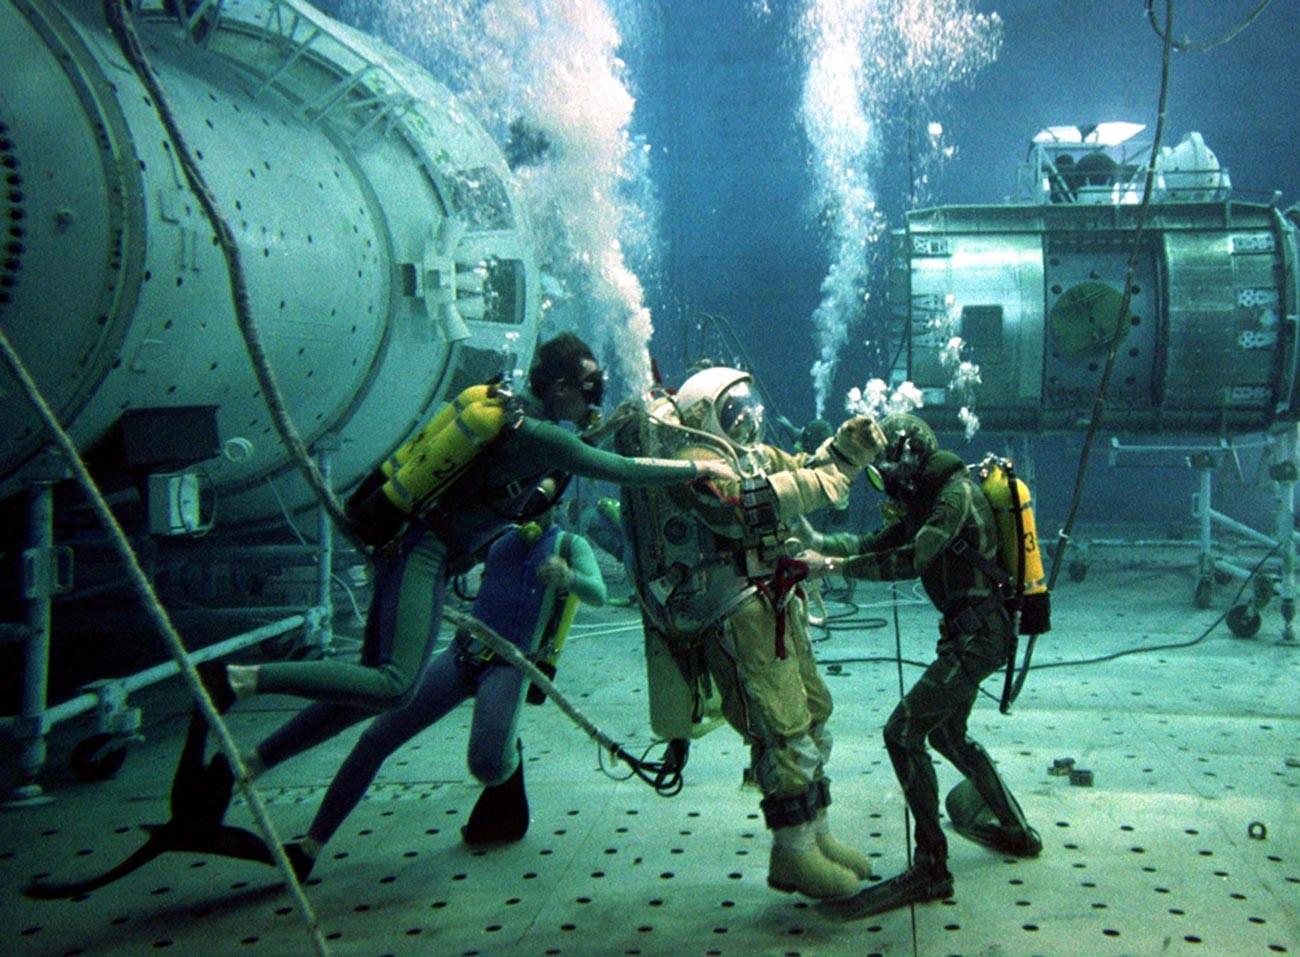 L'istruttore russo Oleg Pushkar assistito dai sommozzatori durante i test subacquei su una replica della stazione spaziale Mir danneggiata il 4 luglio 1997